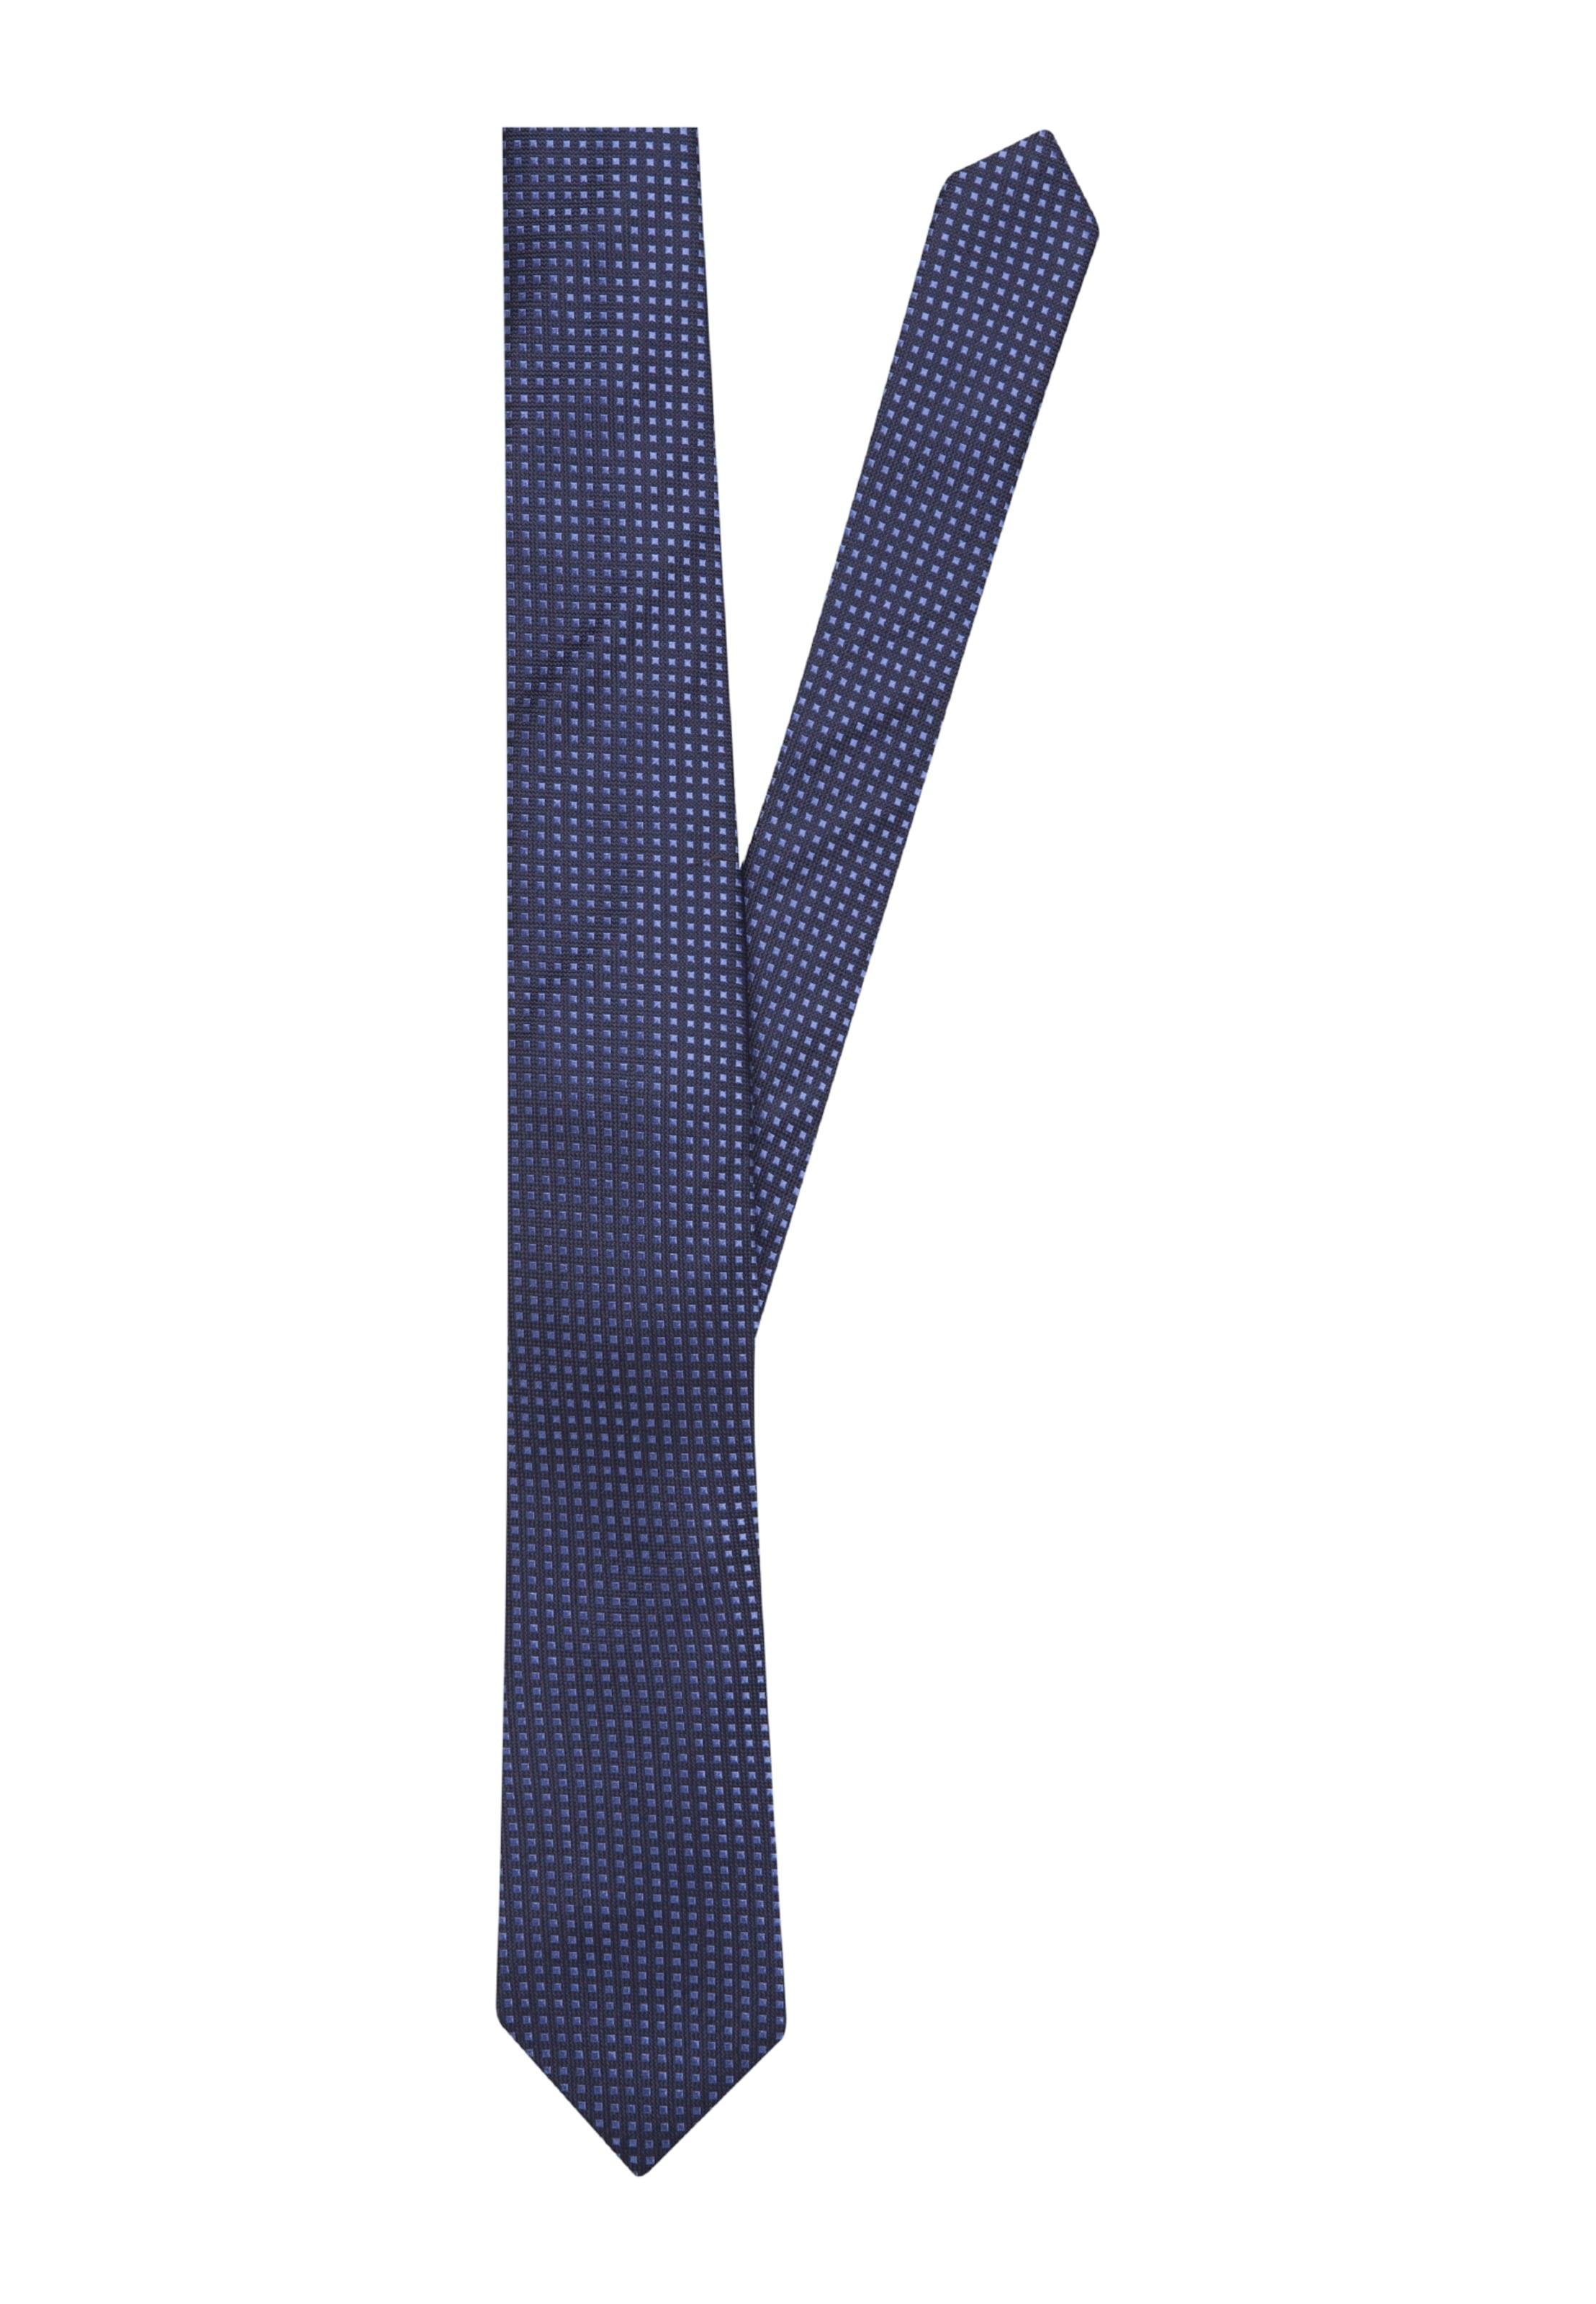 'schwarze In Seidensticker Blau Krawatte Rose' fIgvm76Yby